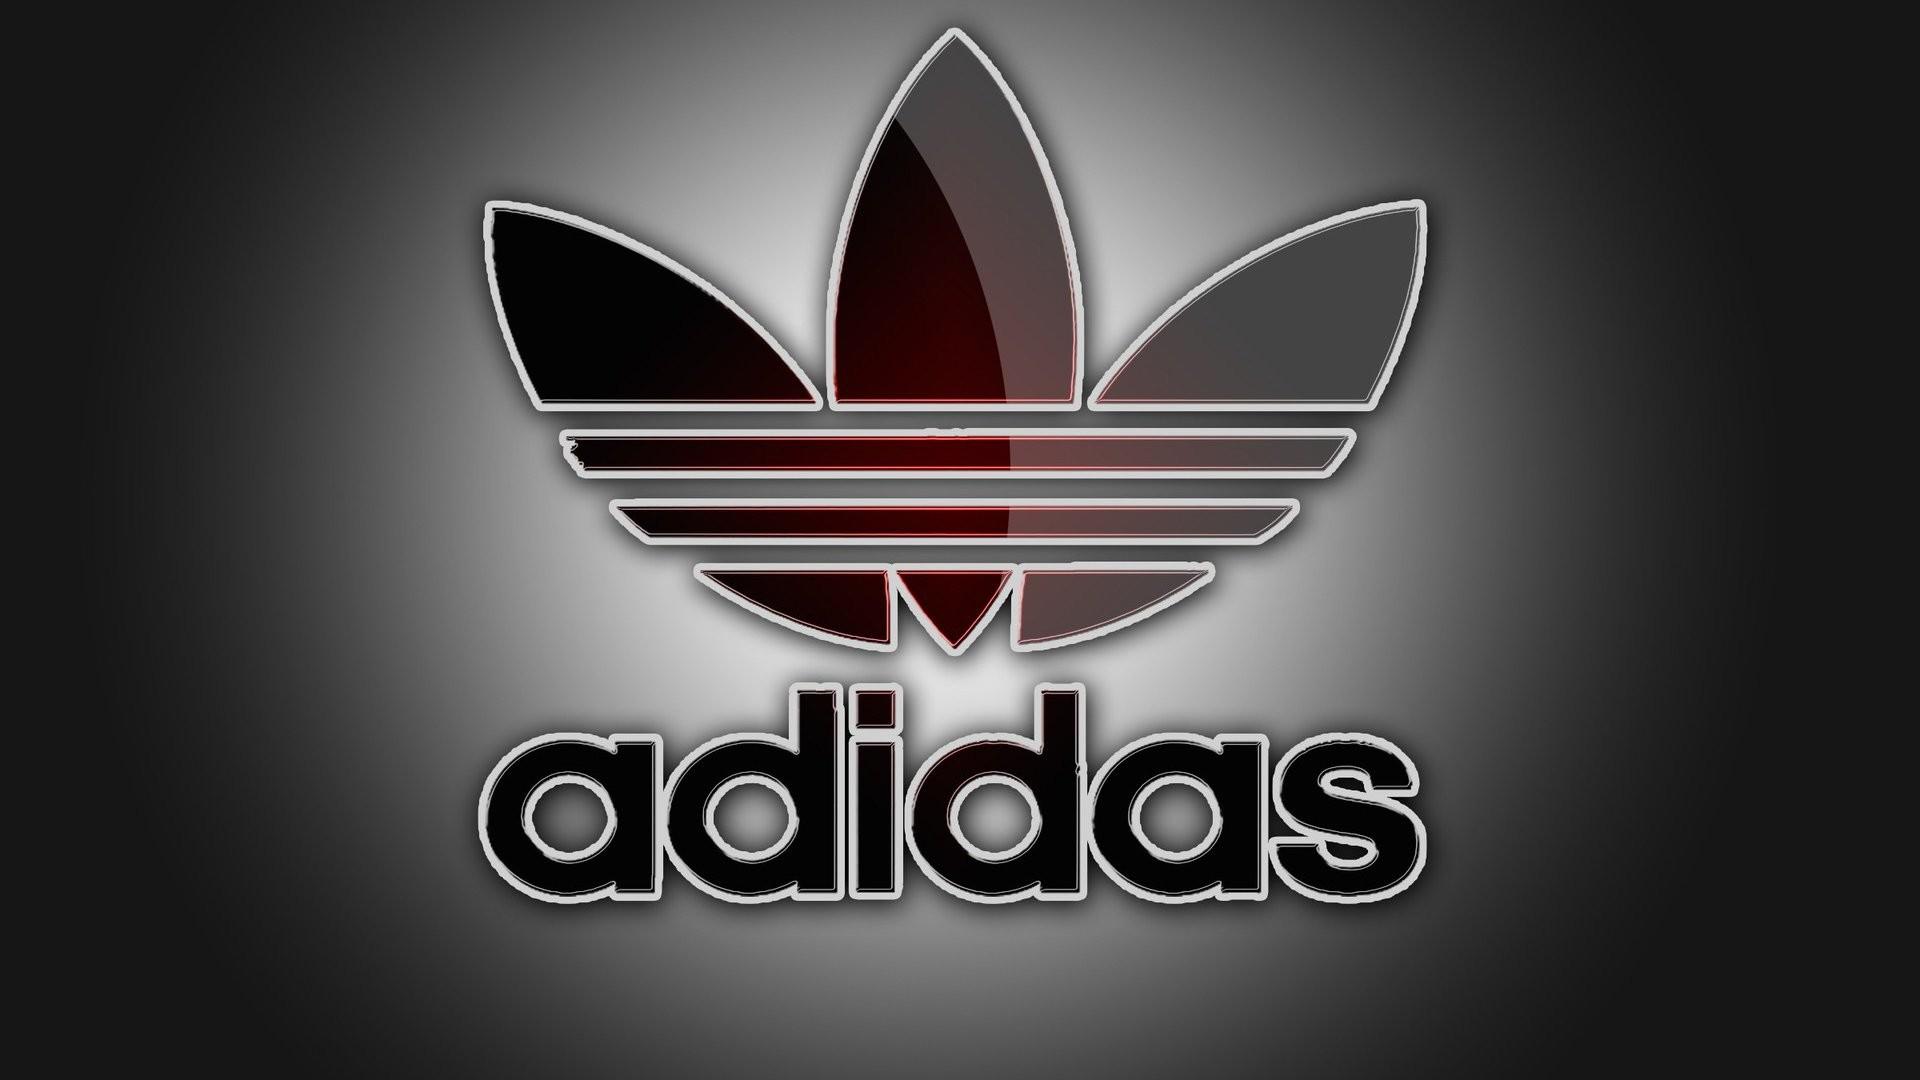 Cool Adidas Logos …